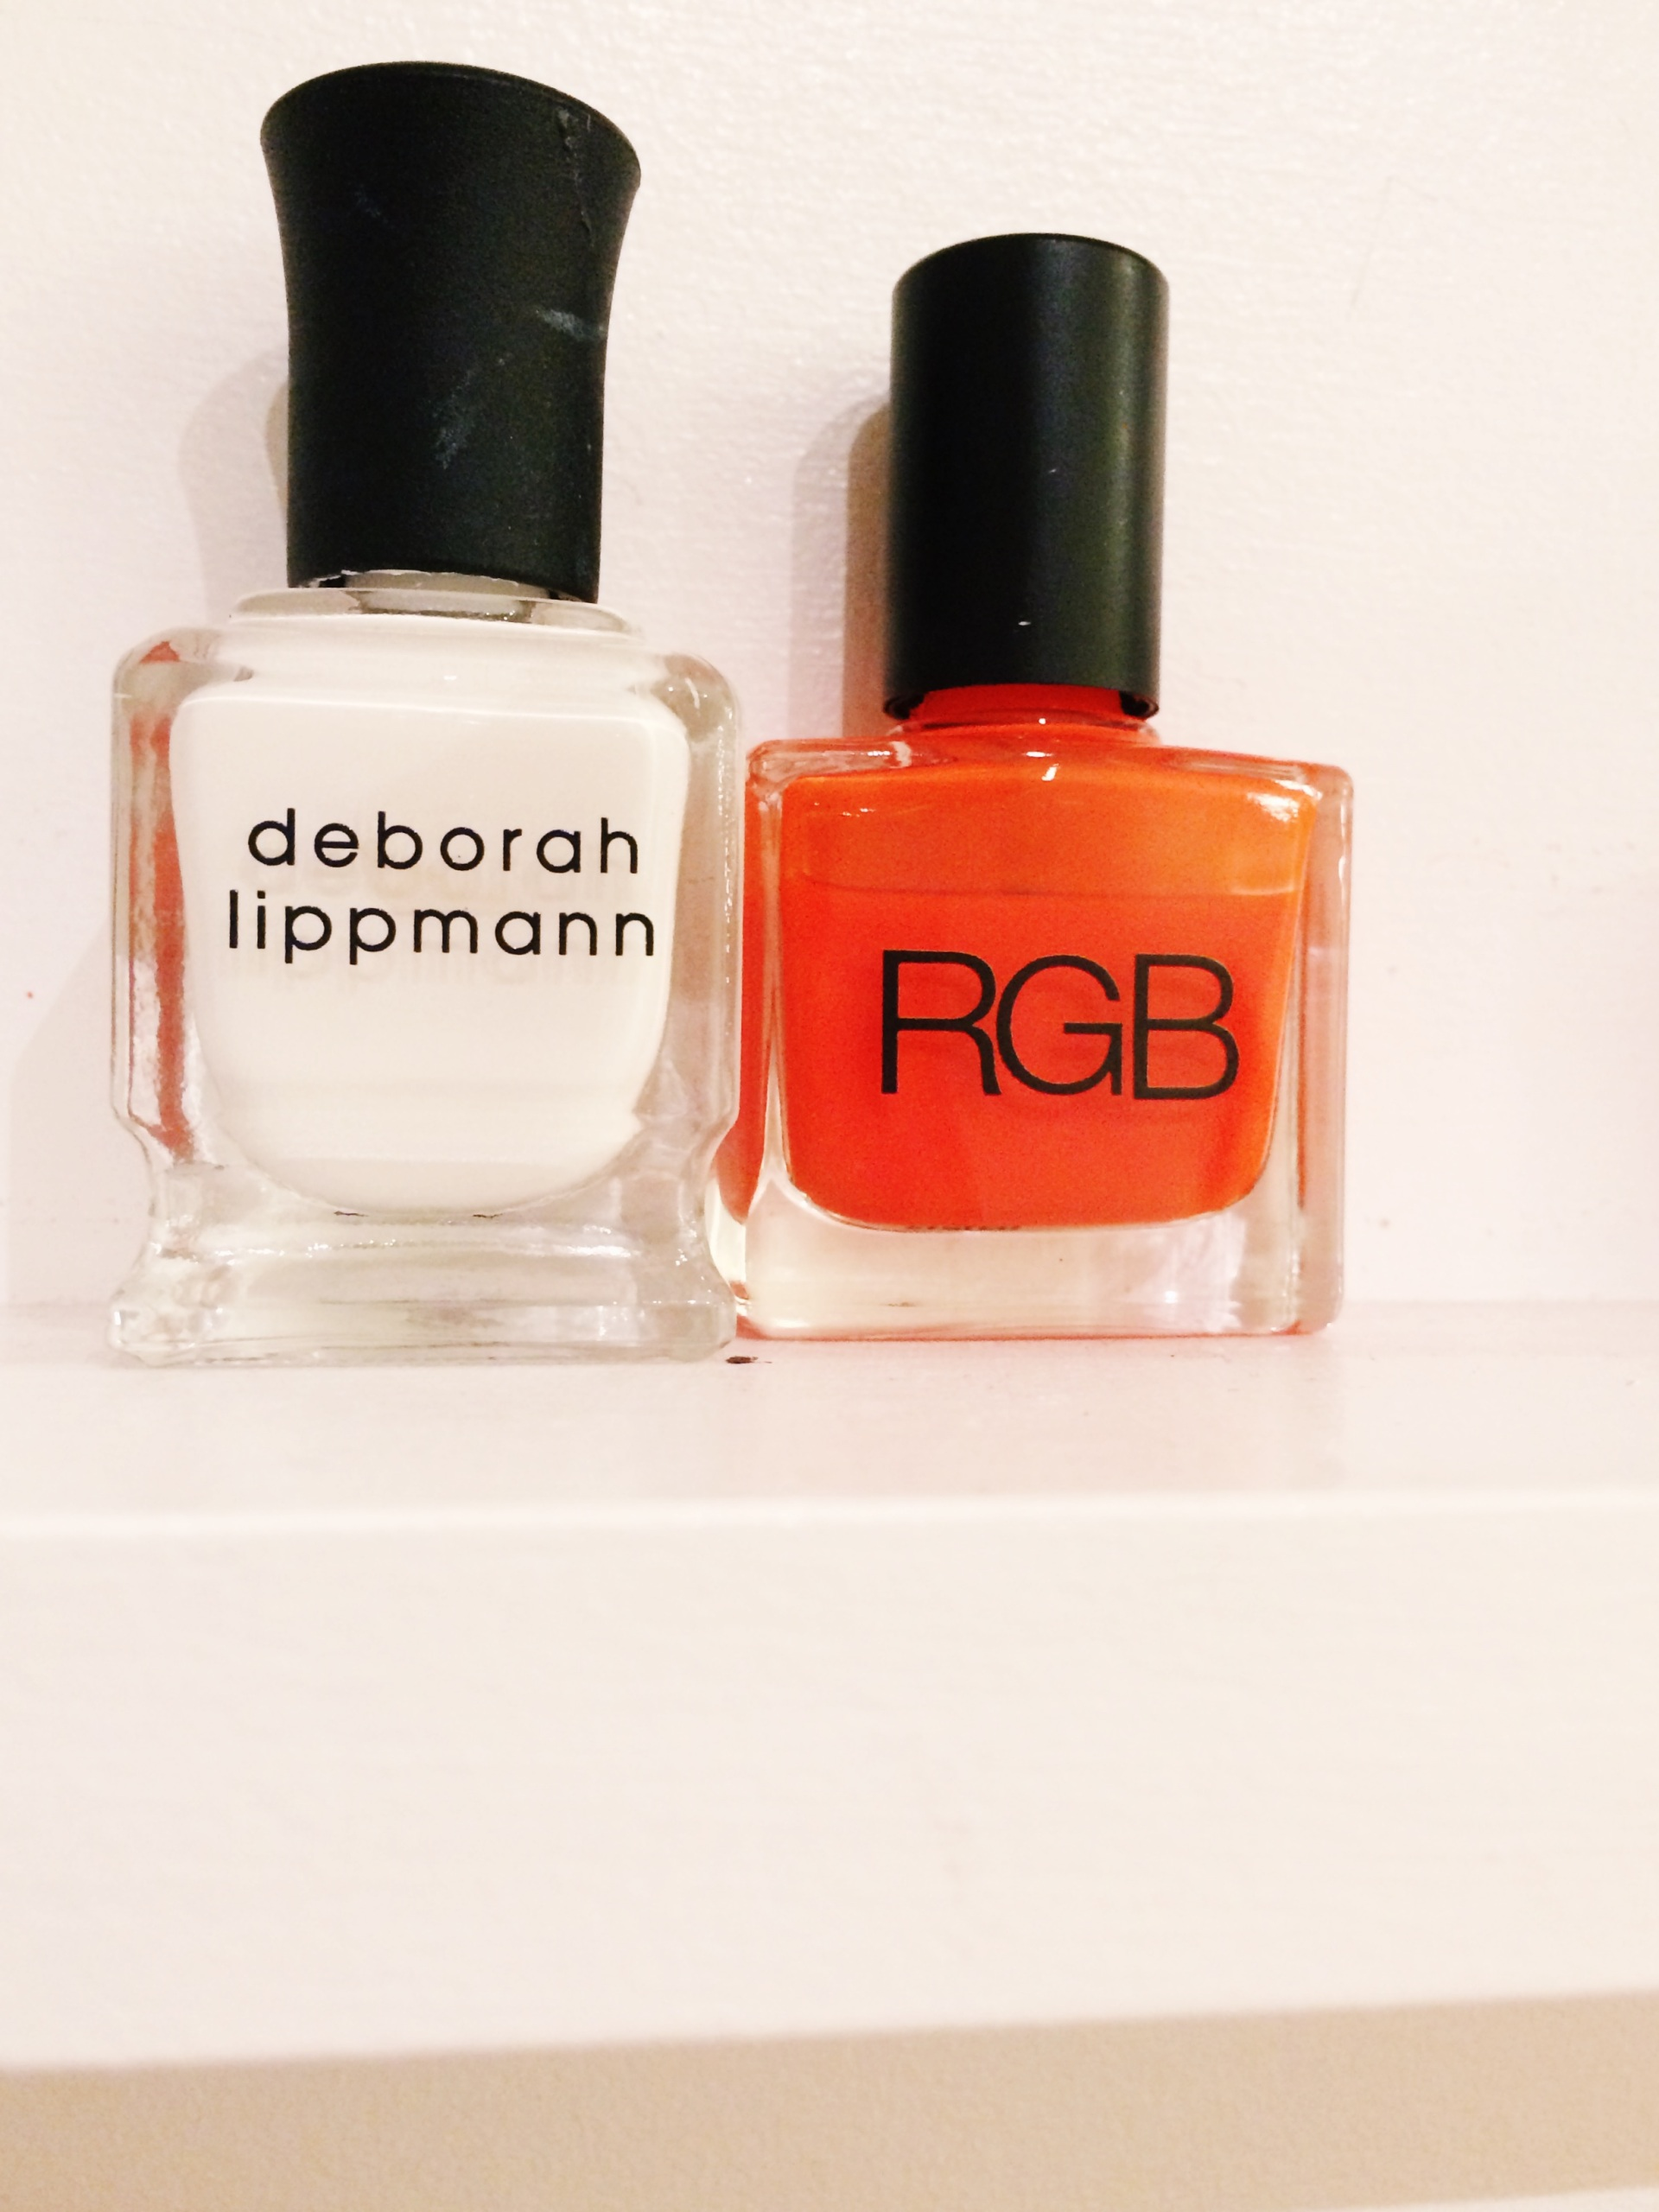 Deborah Lippmann & RGB